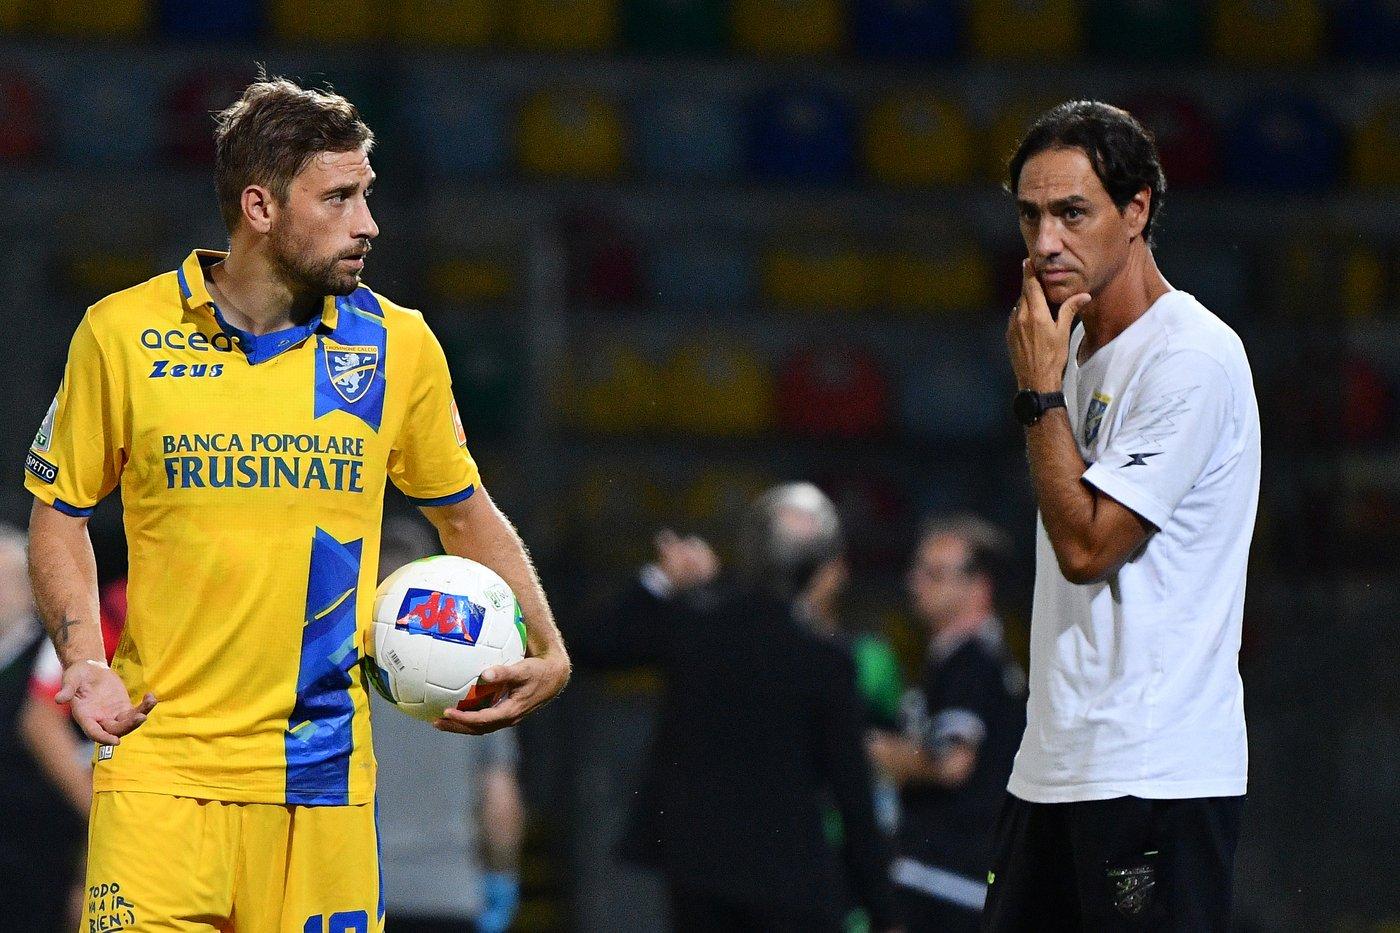 Playoff Serie B, Spezia-Frosinone: le probabili formazioni